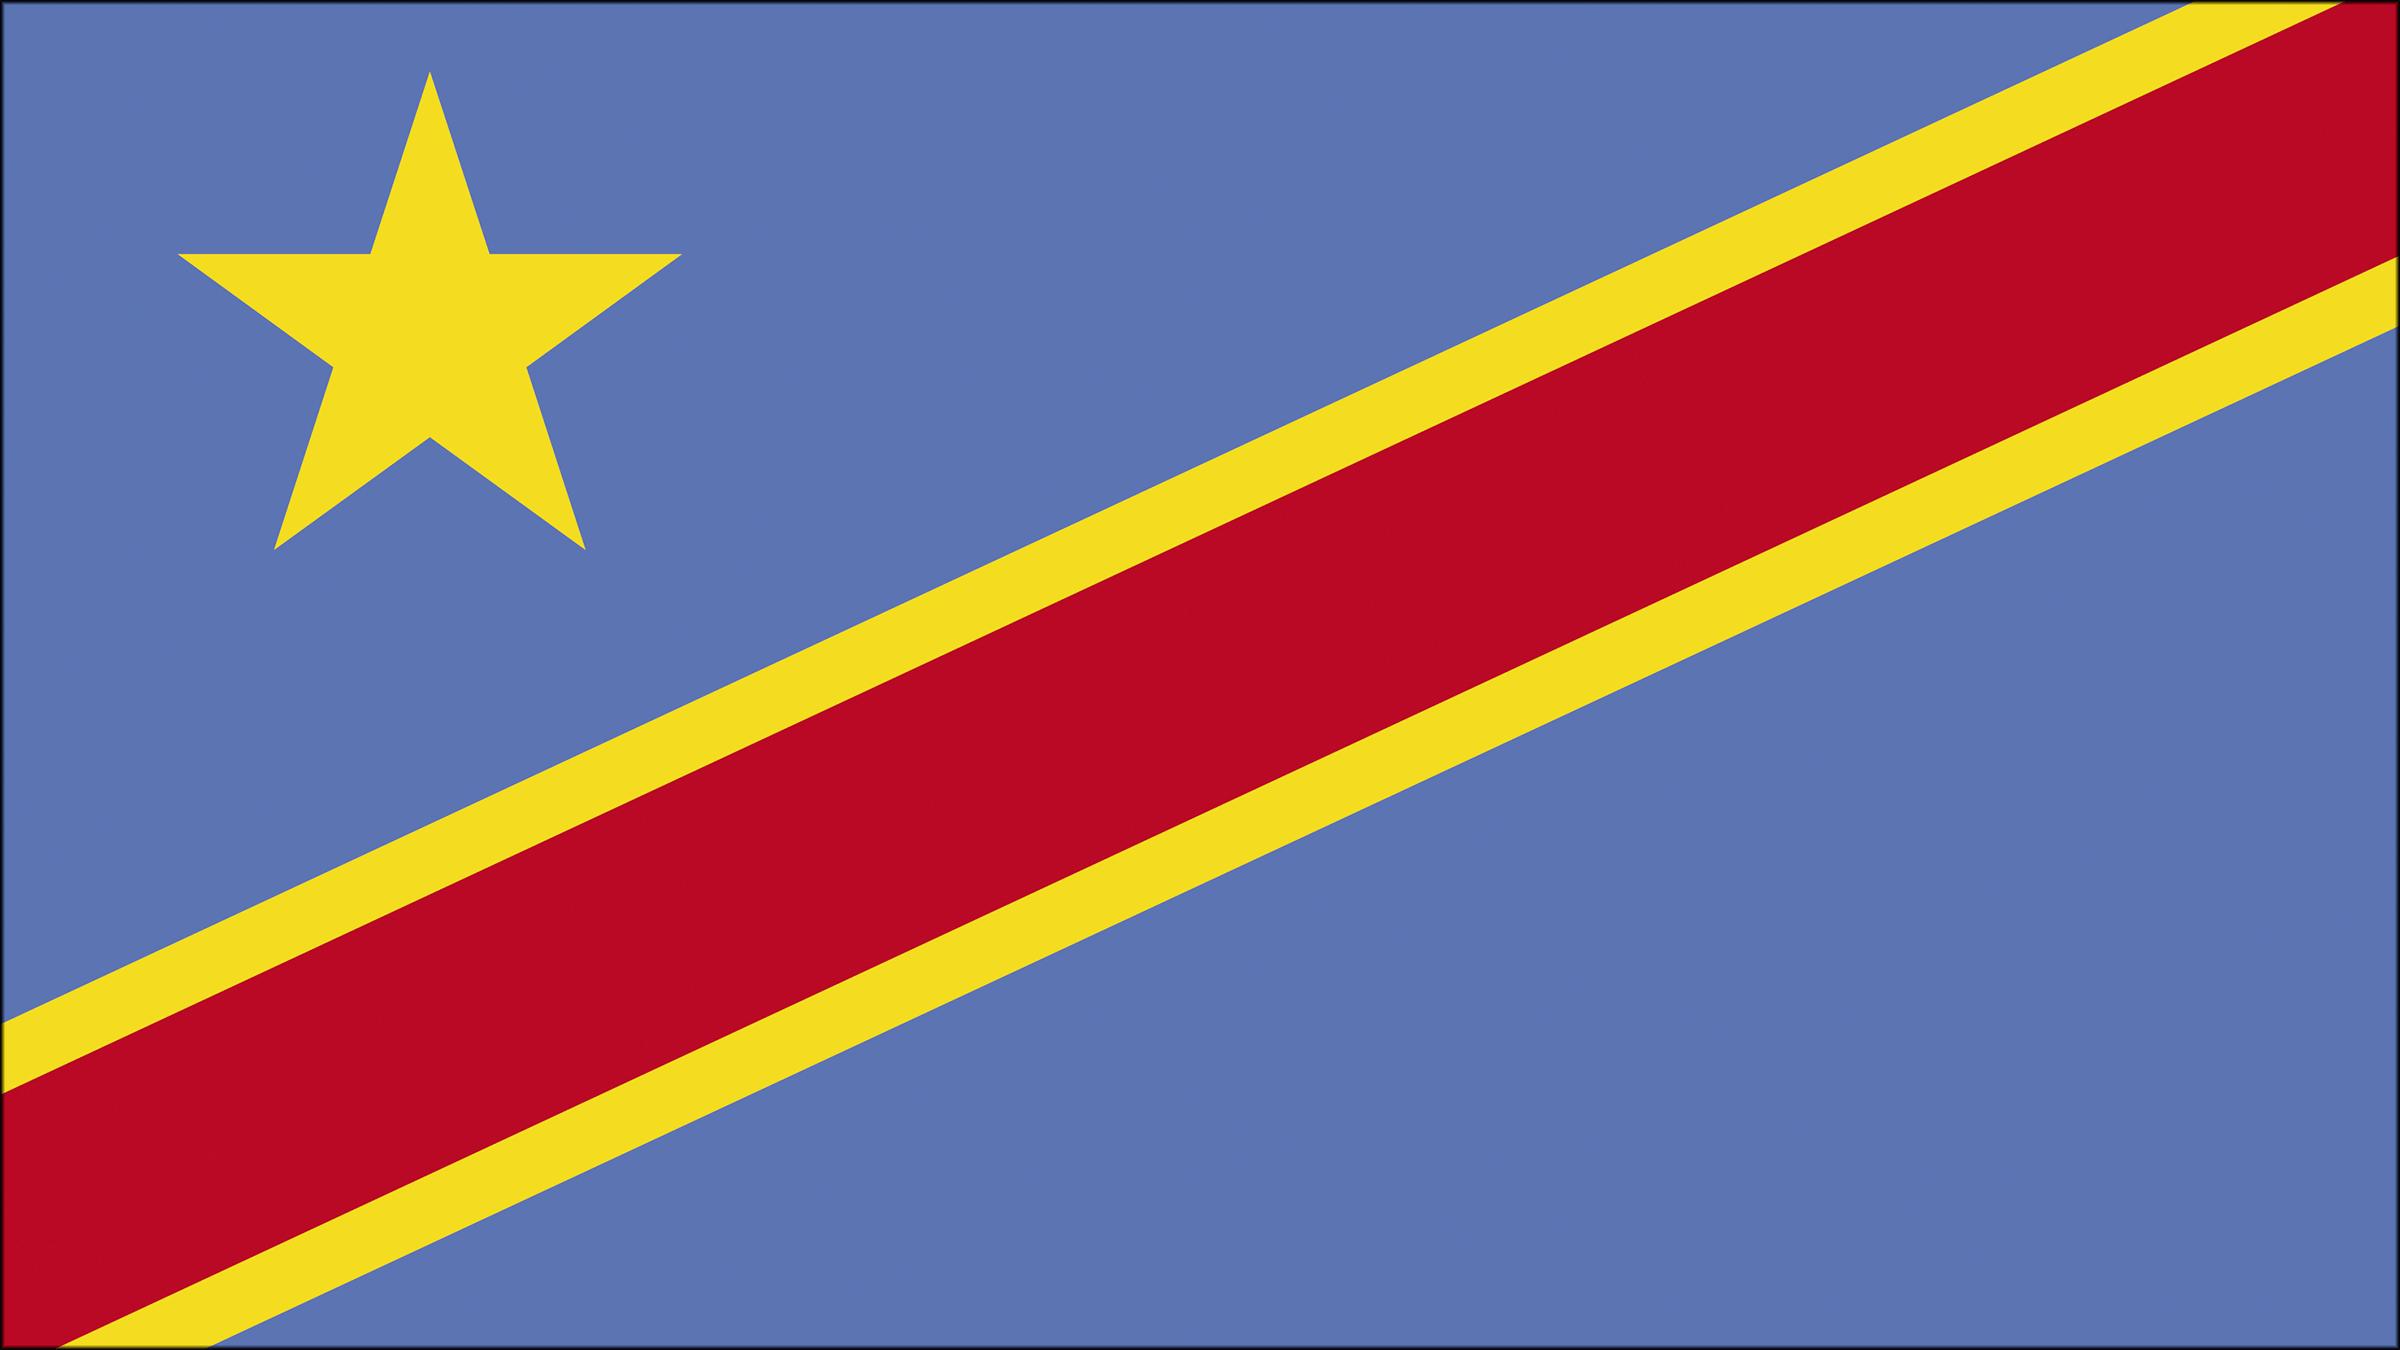 Bandera De La República Democrática Del Congo Banderas Del Mundo Republica Democratica Del Congo Banderas